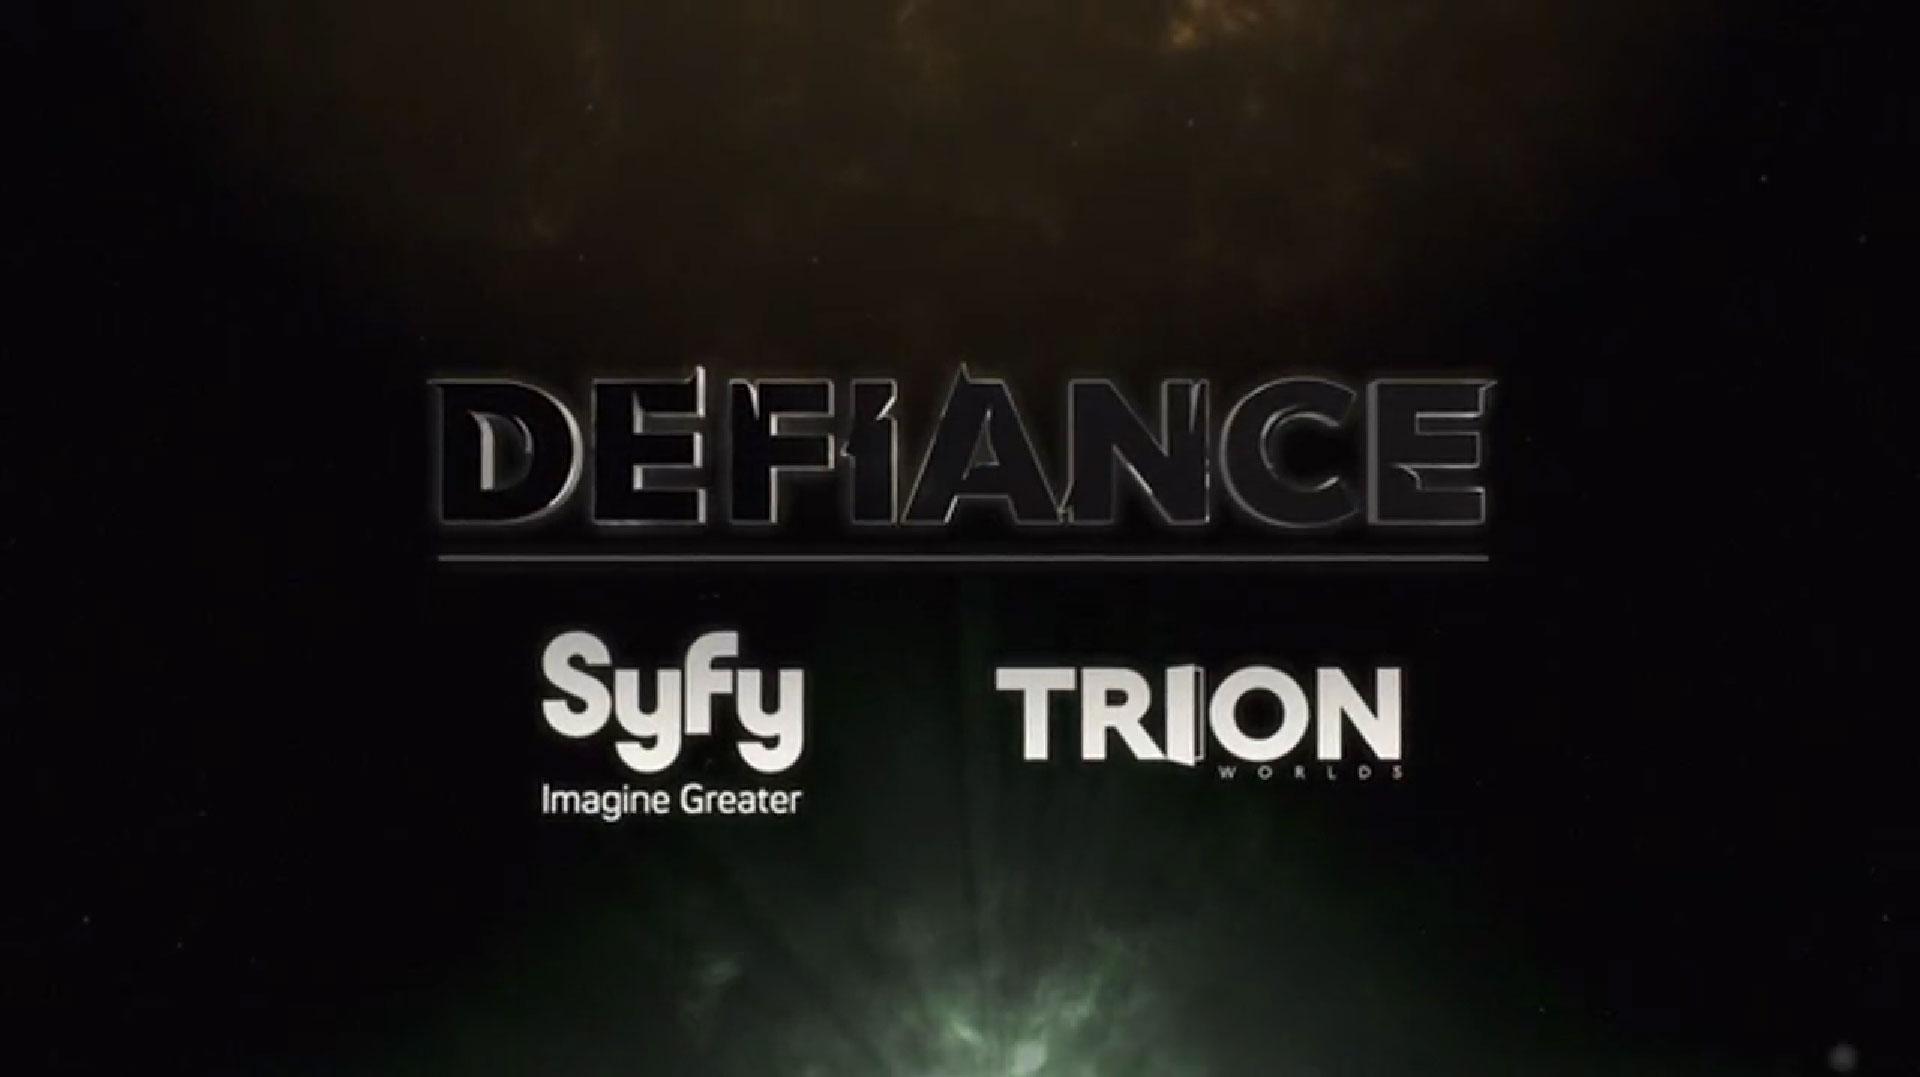 Defiance-Syfy